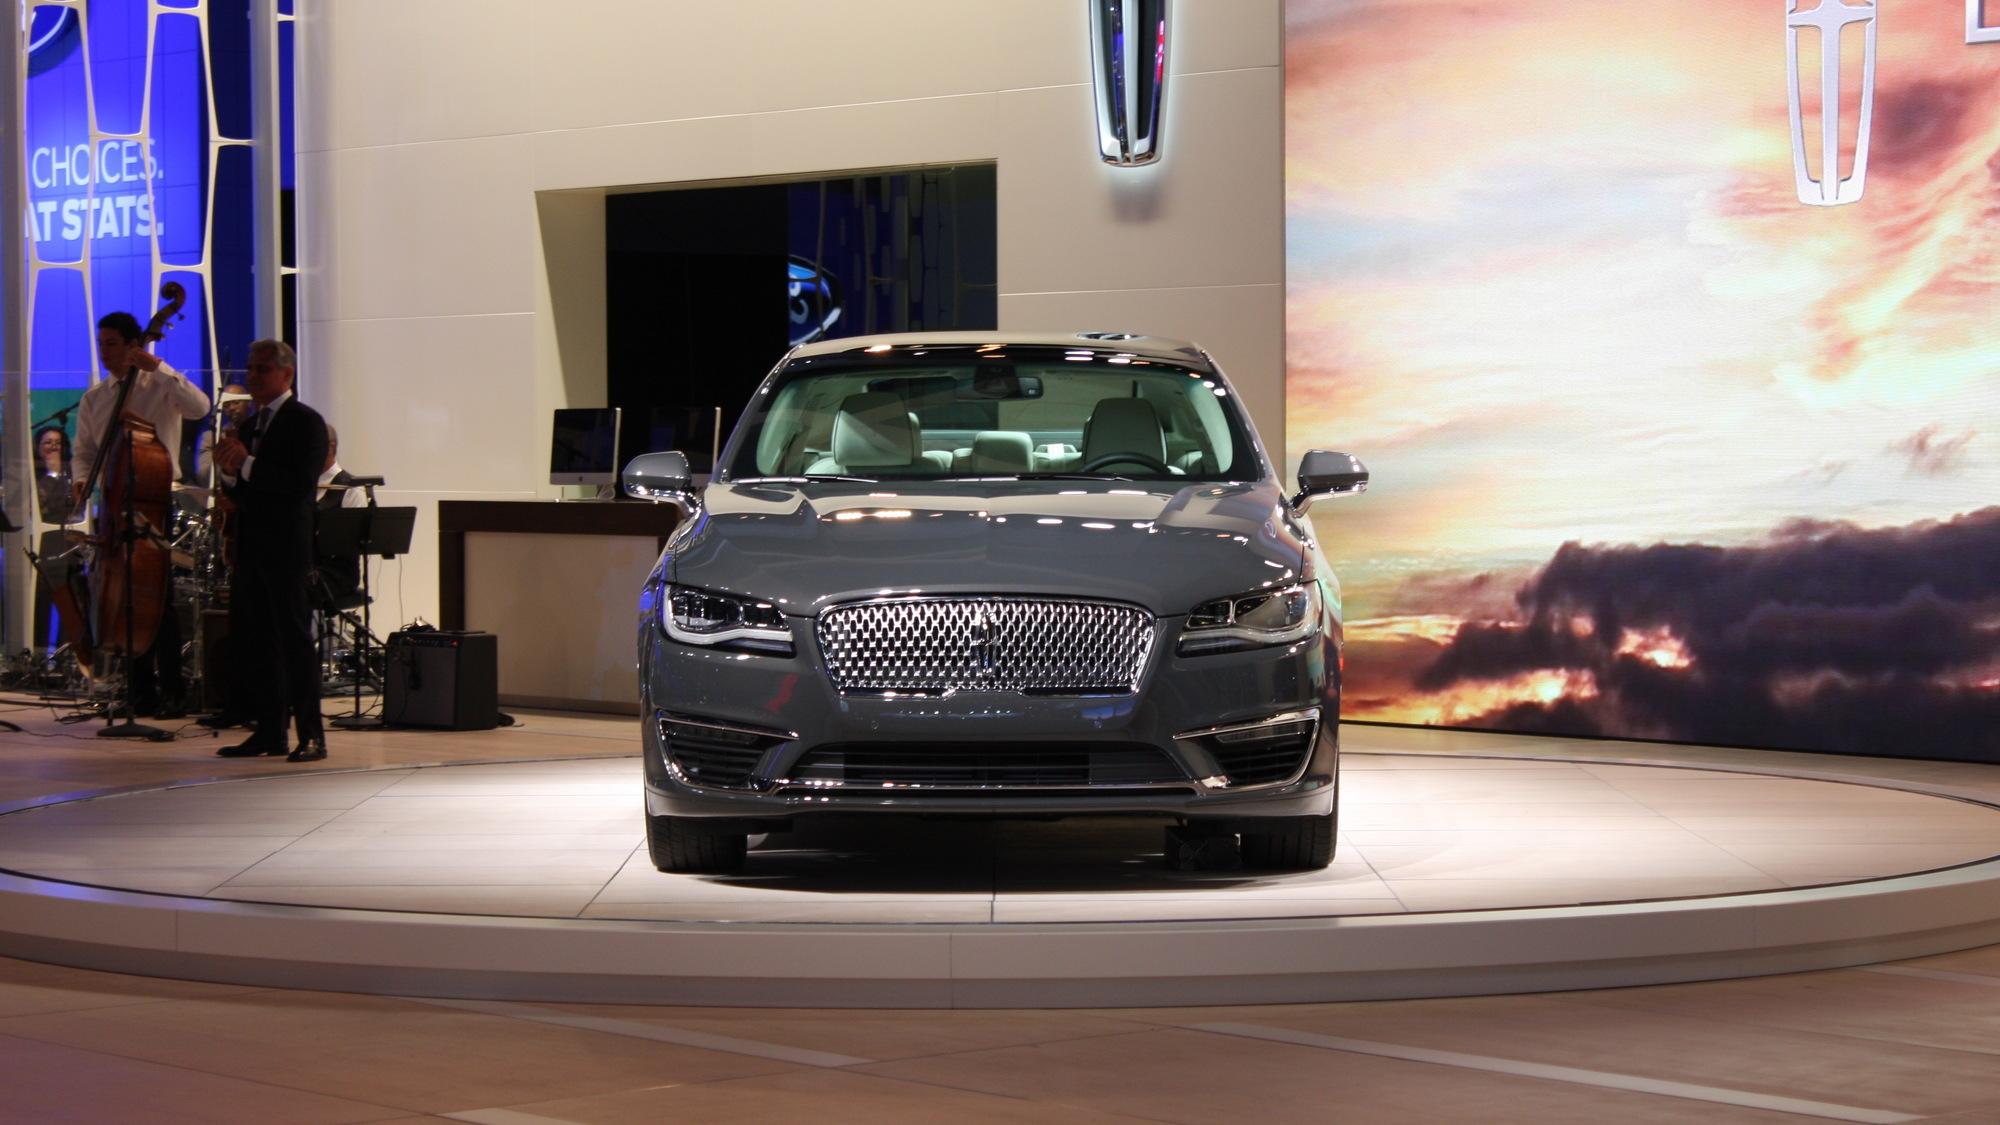 2017 Lincoln MKZ, 2015 Los Angeles Auto Show